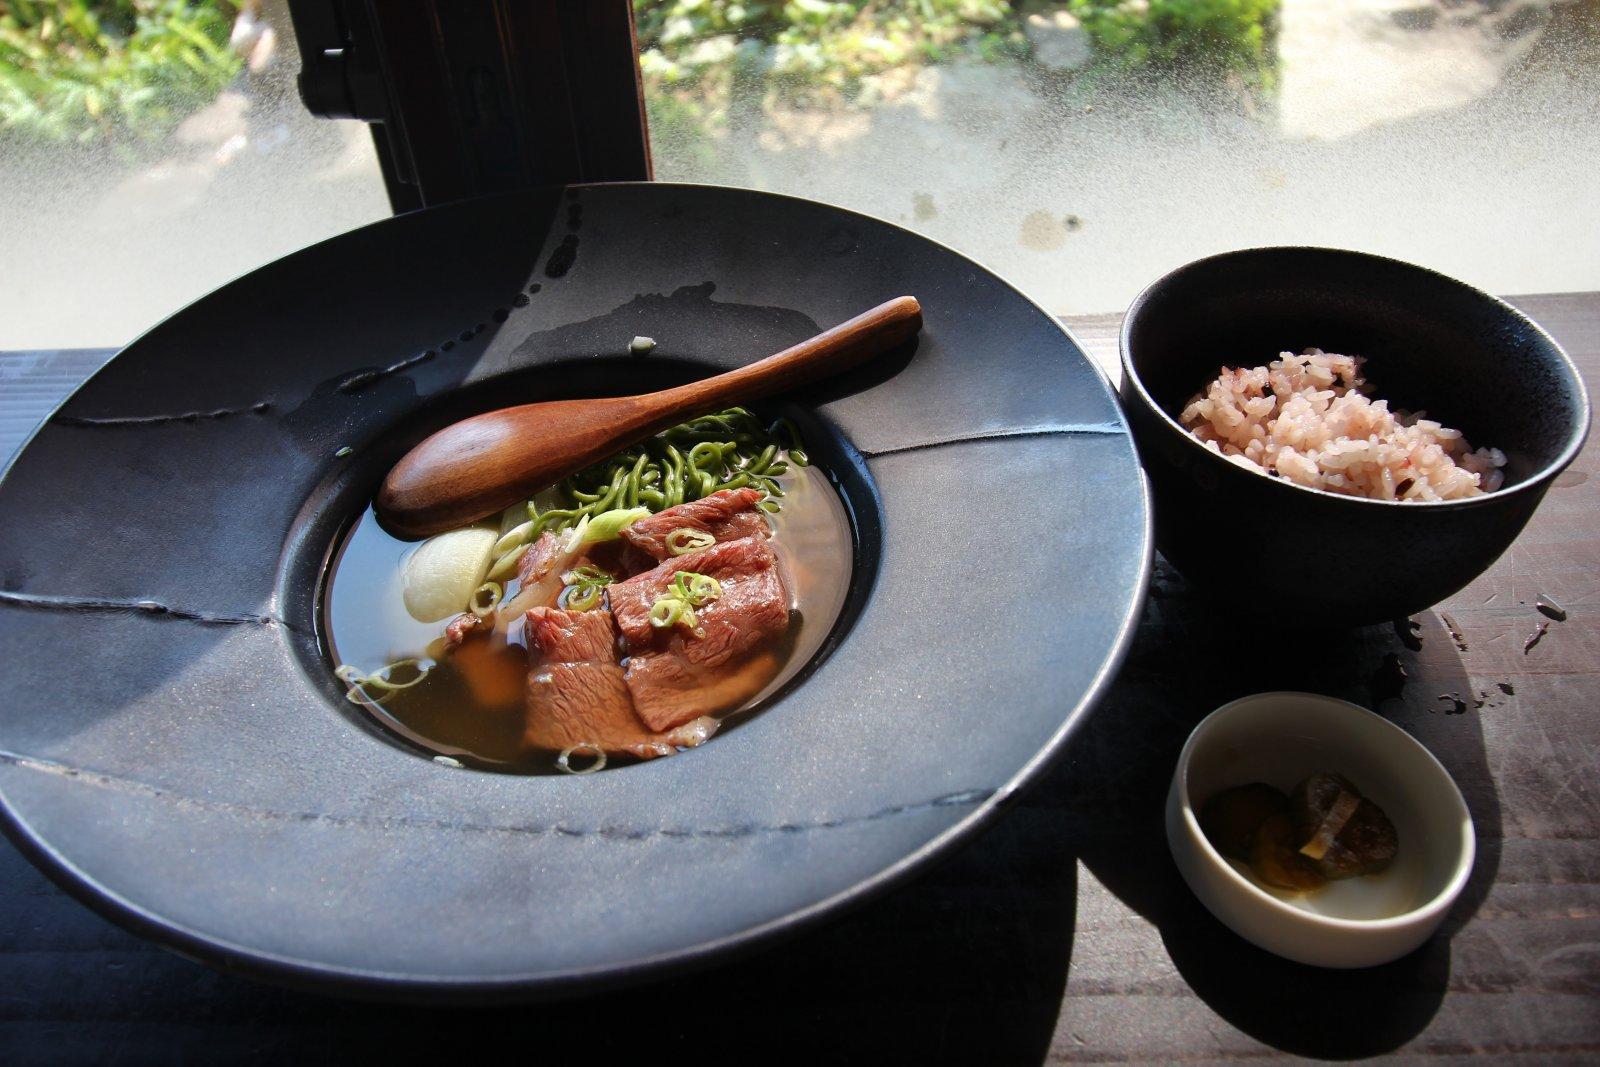 淡路牛のタタキとわかめ麺の和風だし仕立て